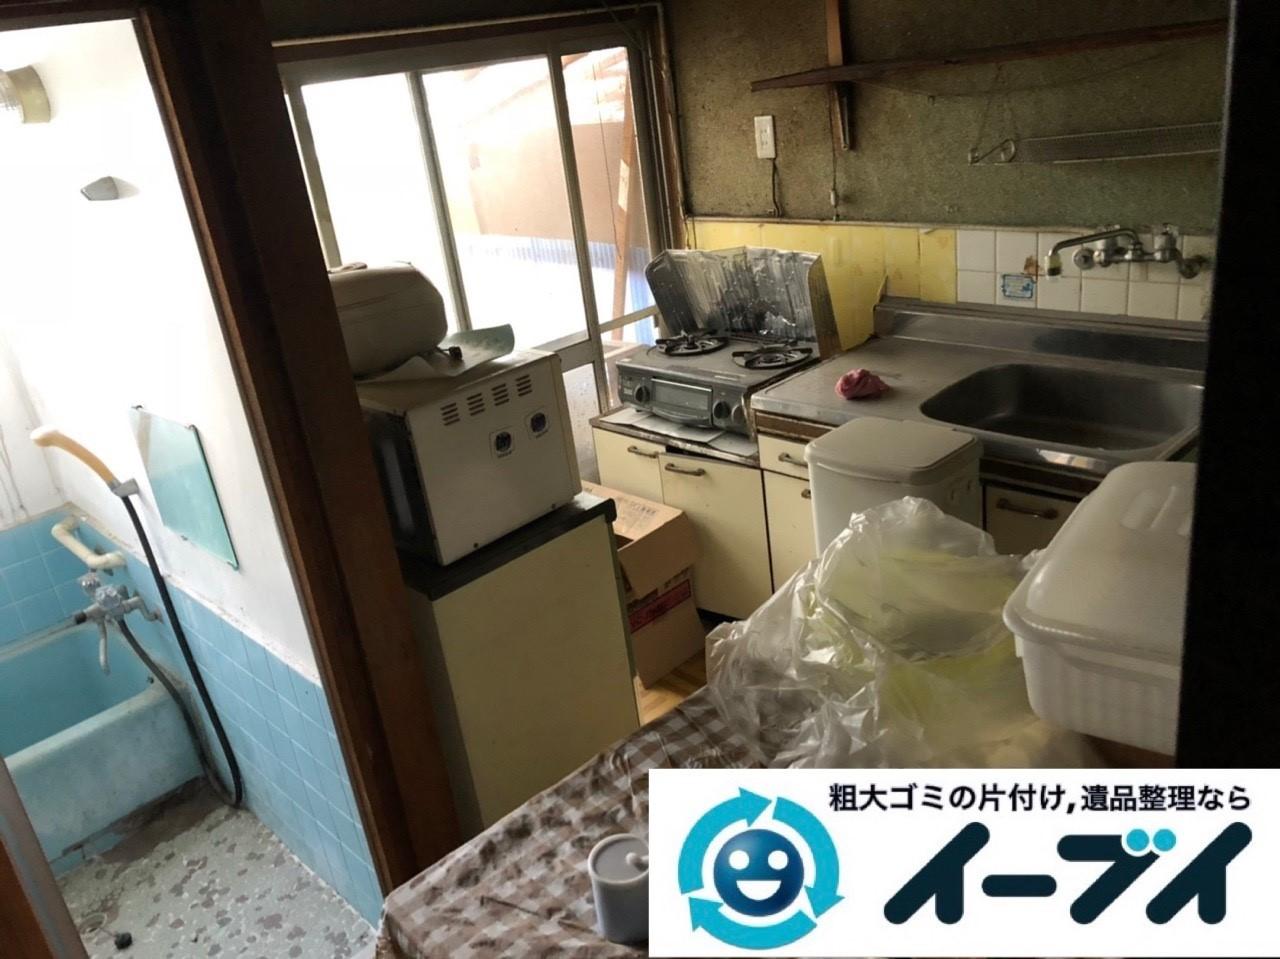 2019年1月25日大阪府大阪市東成区で台所の冷蔵庫や食器棚の大型粗大ゴミ処分などの不用品回収。写真1